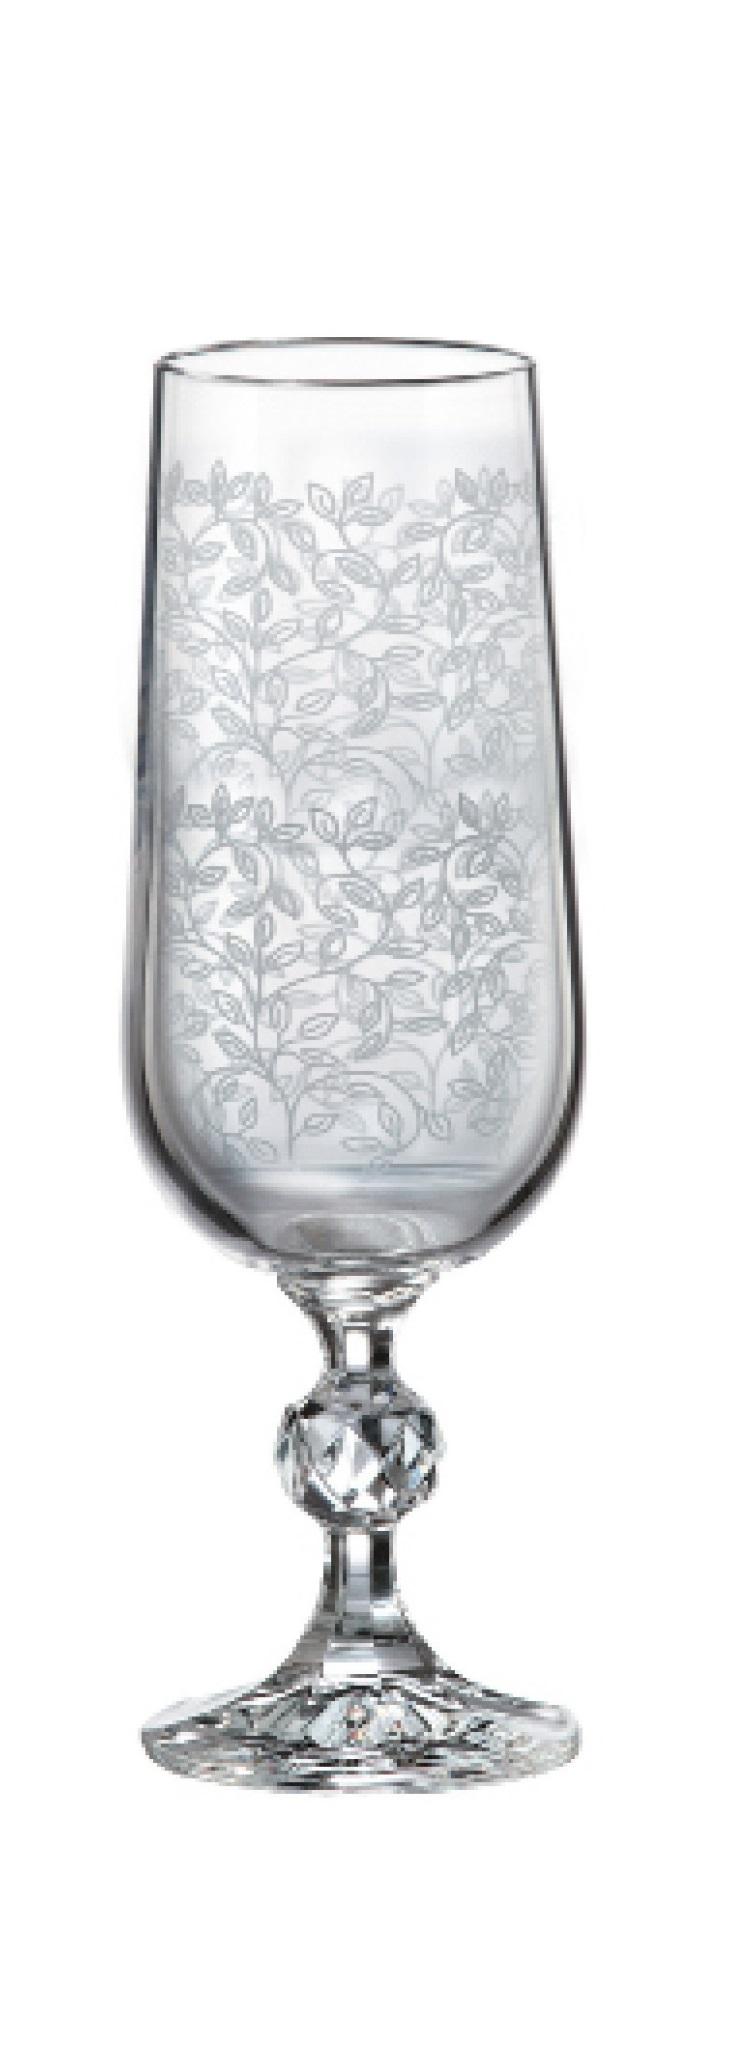 כוס קריסטל STERNA כסף שמפניה ששיה